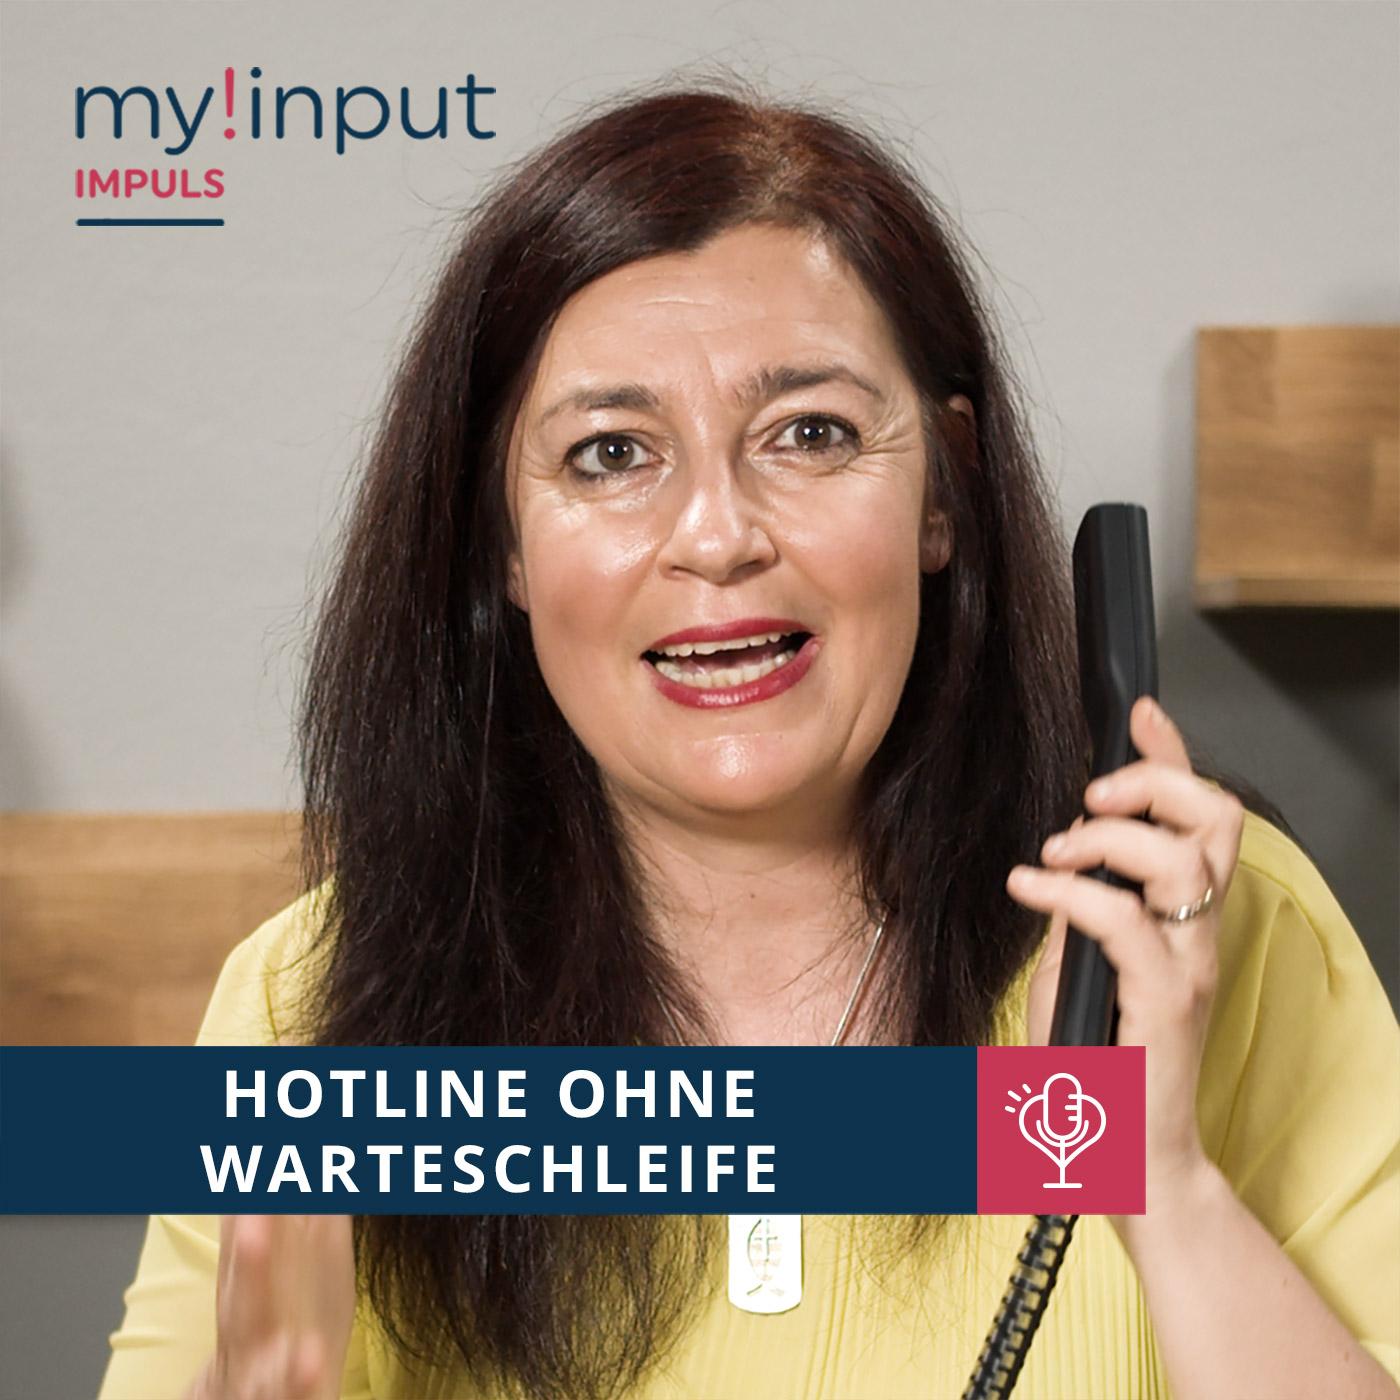 Hotline ohne Warteschleife